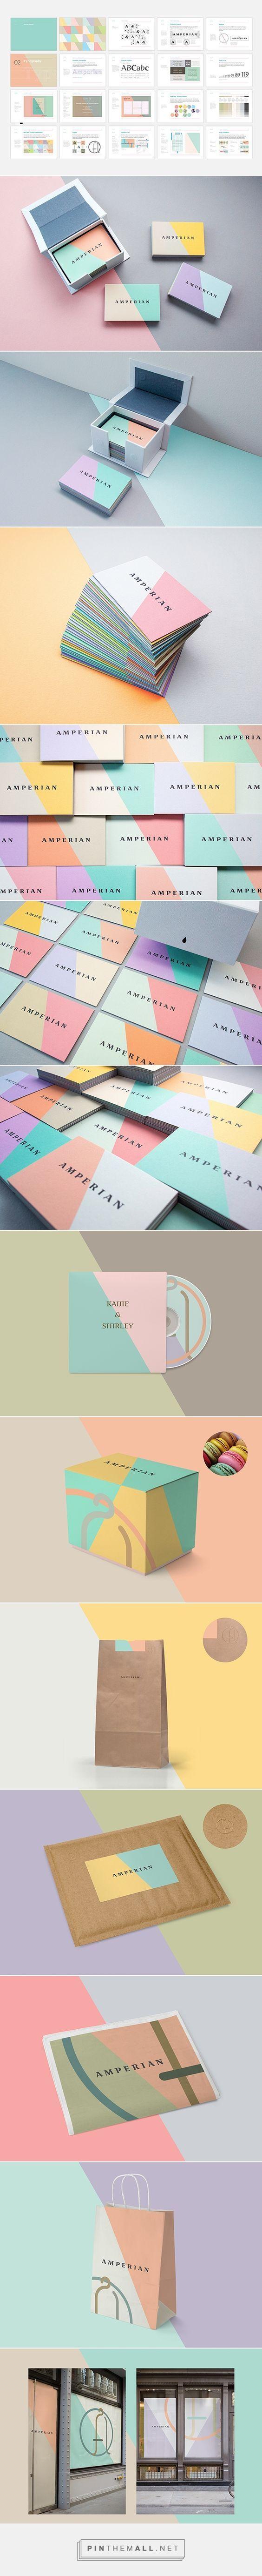 Amperian Branding on Behance | Fivestar Branding – Design and Branding Agency & Inspiration Gallery